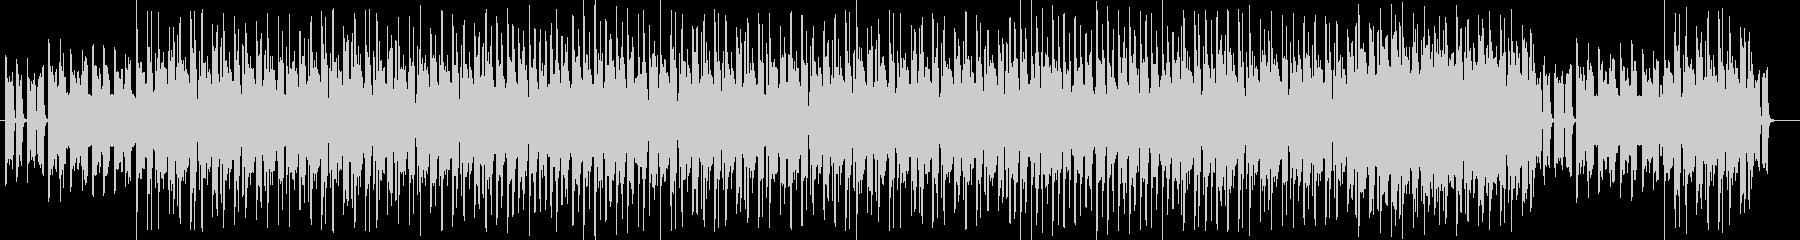 ノスタルジックで切ないテクノポップの未再生の波形